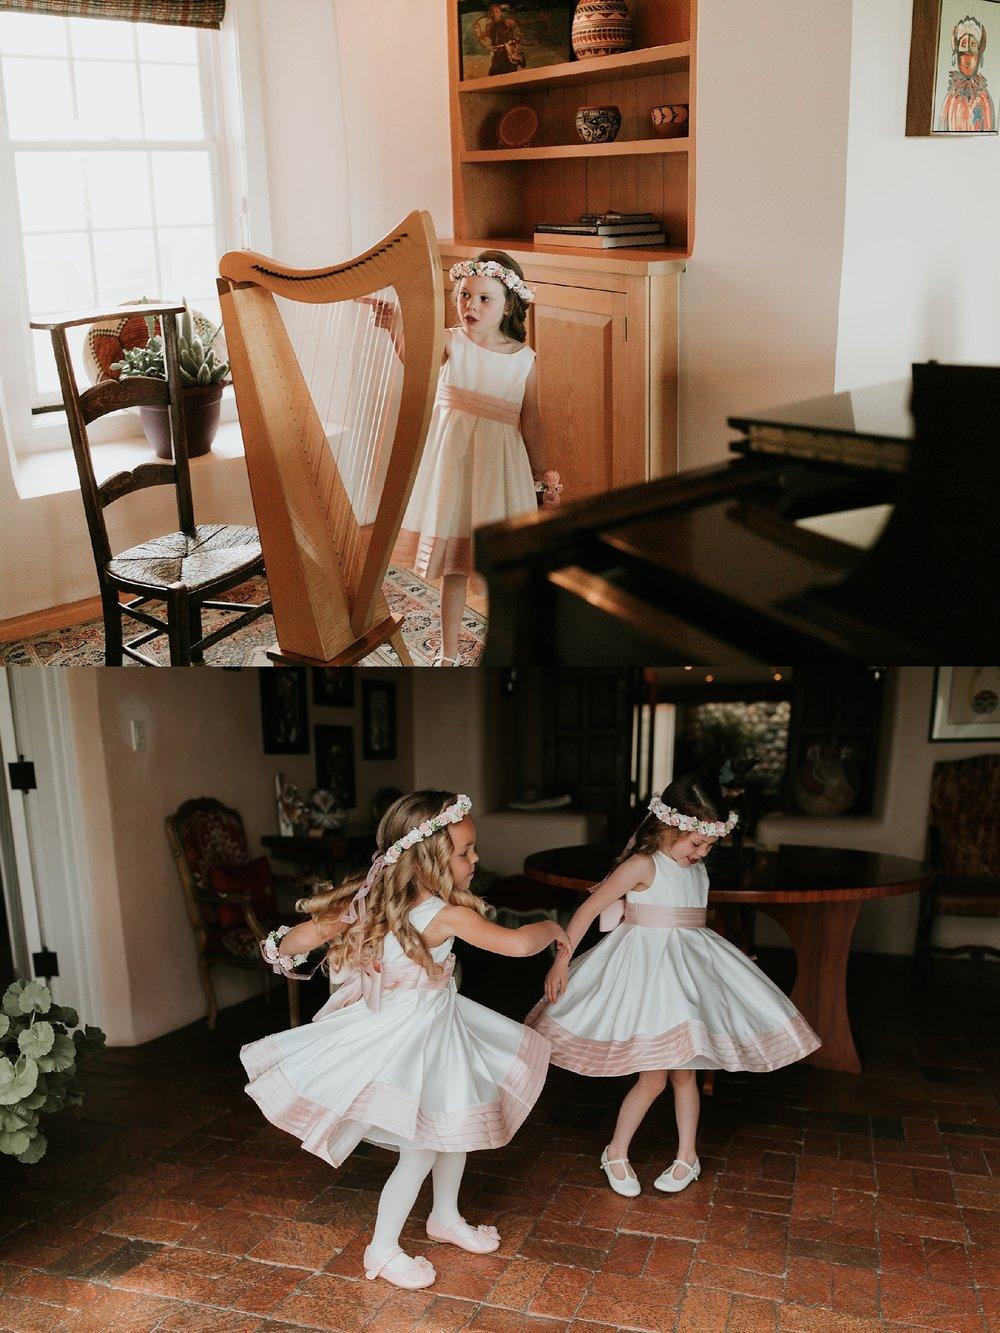 Alicia+lucia+photography+-+albuquerque+wedding+photographer+-+santa+fe+wedding+photography+-+new+mexico+wedding+photographer+-+new+mexico+wedding+-+flower+girl+-+wedding+flower+girl_0057.jpg